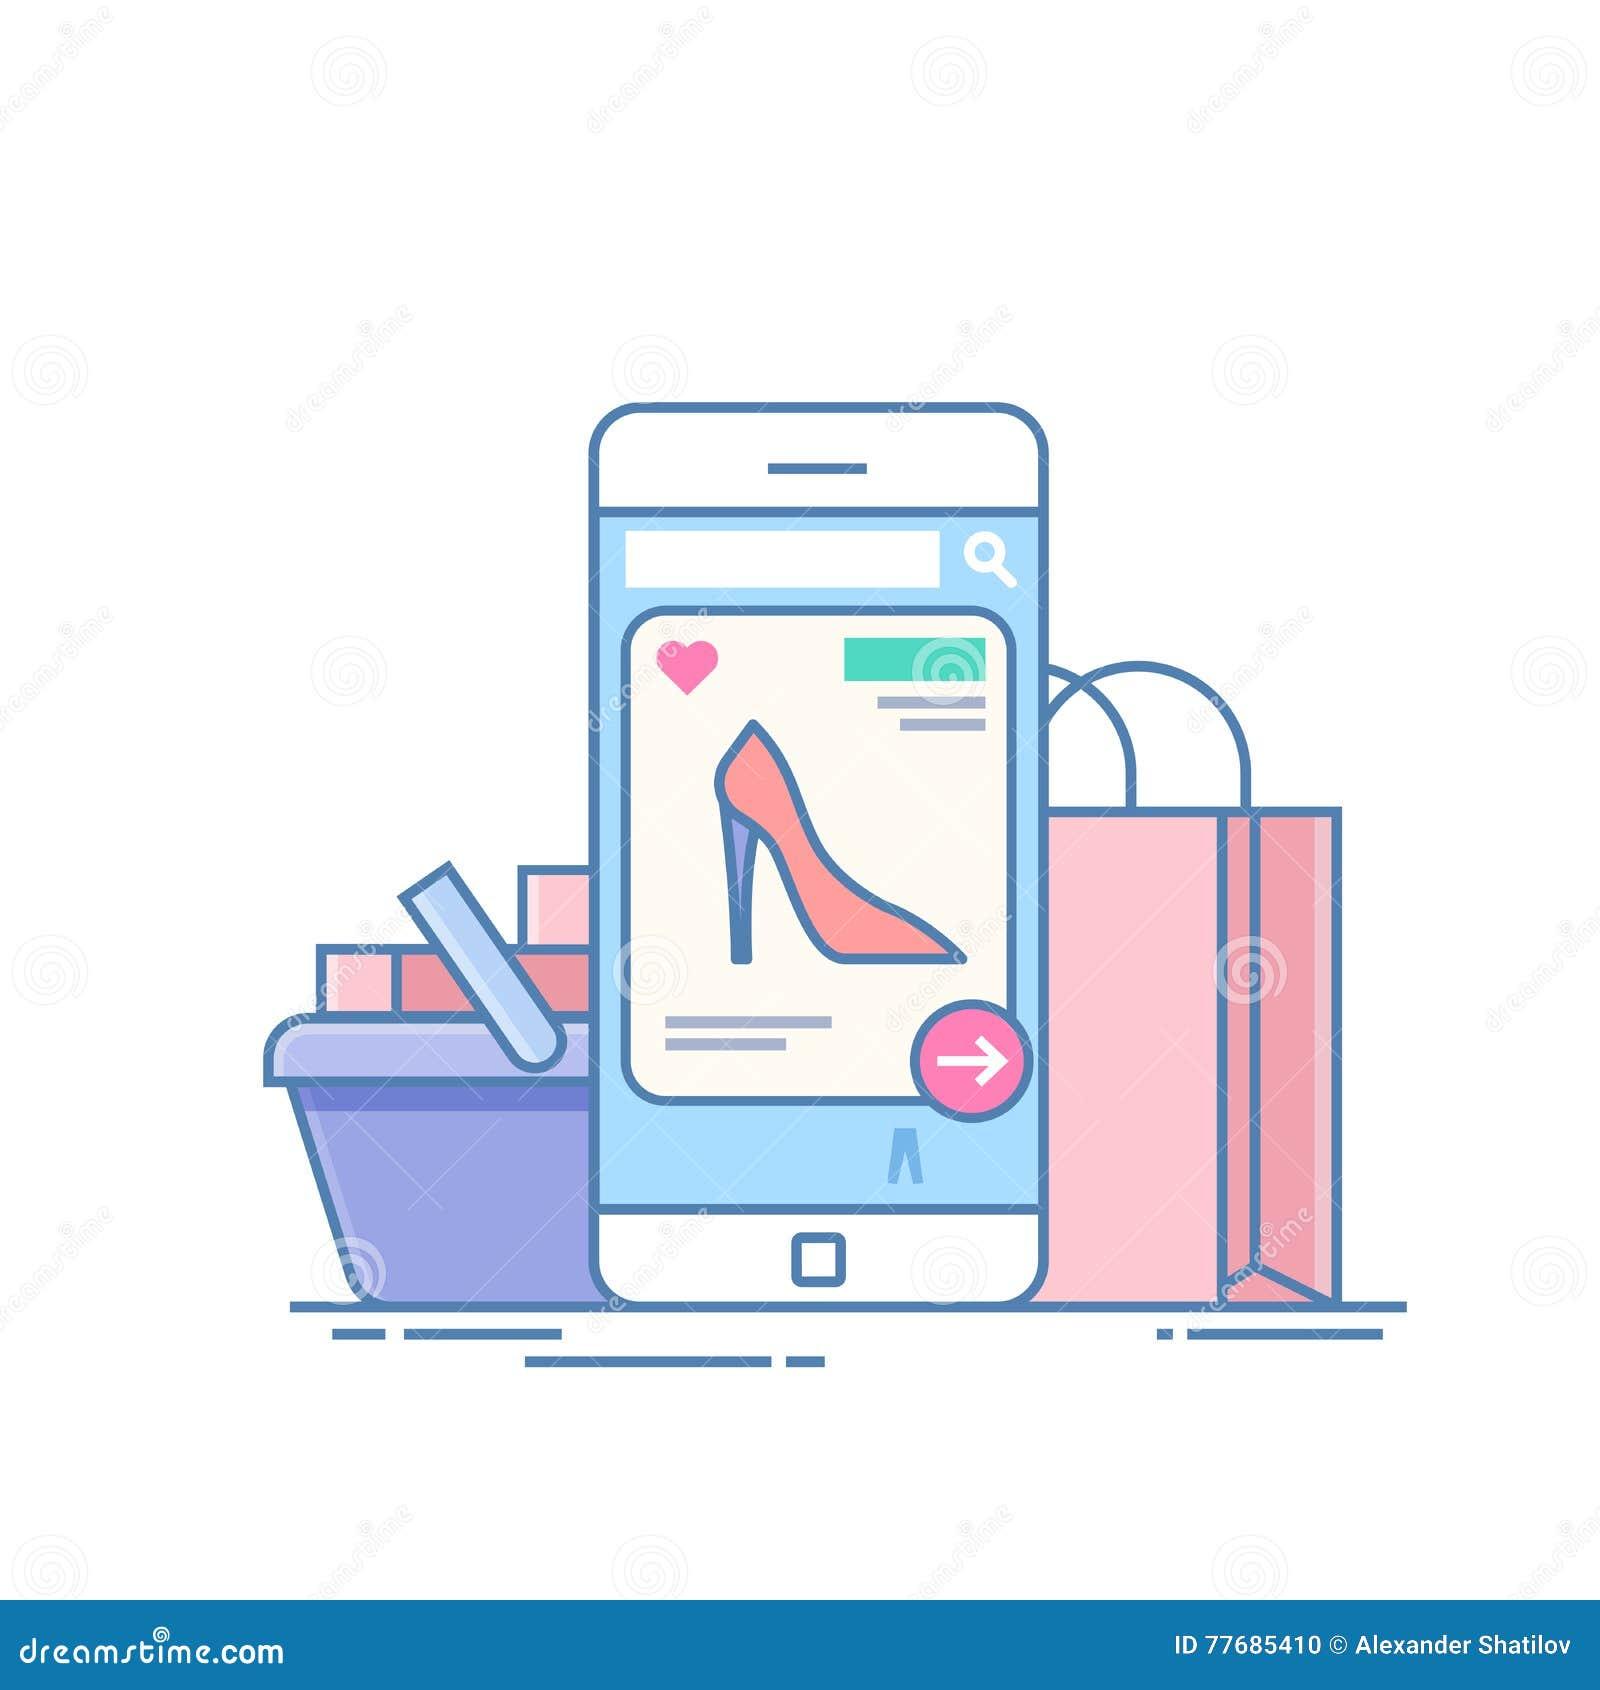 Online opslag Concept aankoop op Internet door de toepassing op de telefoon Mobiel apparaat op de achtergrond